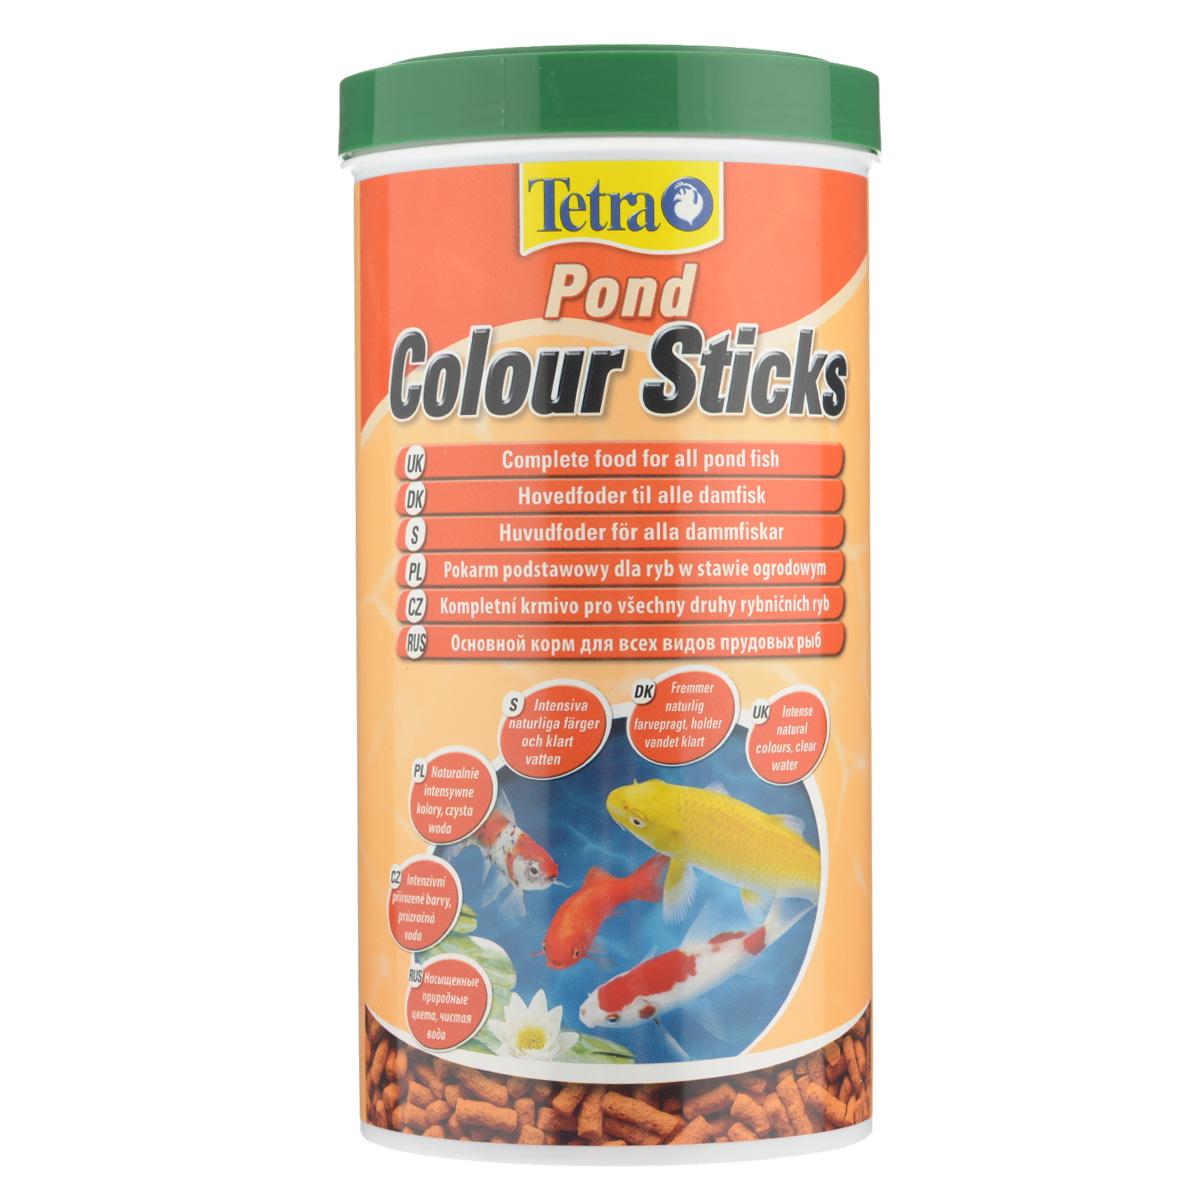 Корм сухой Tetra Pond Color Sticks для всех видов прудовых рыб, в виде гранул, 1 л124394Корм Tetra Pond Color Sticks - это высококачественный корм, который усваивает природные цвета ваших прудовых рыбок. Запатентованная BioActive формула обеспечивает высокую устойчивость к заболеваниям, придает энергию и жизнеспособность.Особенности Tetra Pond Color Sticks:усиливает природную цветную пигментацию,при регулярном питании видимые результаты уже через несколько недель,содержит все не обходимые вещества для биологически сбалансированного питания,высокая устойчивость к заболеваниям,легкий прием и высокая перевариваемость уменьшает степень загрязнения воды и улучшает ее качество. Рекомендации по кормлению: кормите не менее 2-3 раз в день в таком количестве, которое ваши рыбы могут съесть в течение нескольких минут.Характеристики:Состав: зерновые культуры, экстракты растительного белка, растительные продукты, рыба и побочные рыбные продукты, дрожжи, минеральные вещества. Пищевая ценность: сырой белок - 31%, сырые масла и жиры - 5%, сырая клетчатка - 2%, влага - 7%.Добавки: витамины, провитамины и химические вещества с аналогичным воздействием, витамин А 28500 МЕ/кг, витамин Д3 1780 МЕ/кг. Комбинации элементов: Е5 Марганец 80 мг/кг, Е6 Цинк 48 мг/кг, Е1 Железо 31 мг/кг, Е3 Кобальт 0,6 мг/кг. Красители, антиоксиданты.Вес: 1000 мл (175 г).